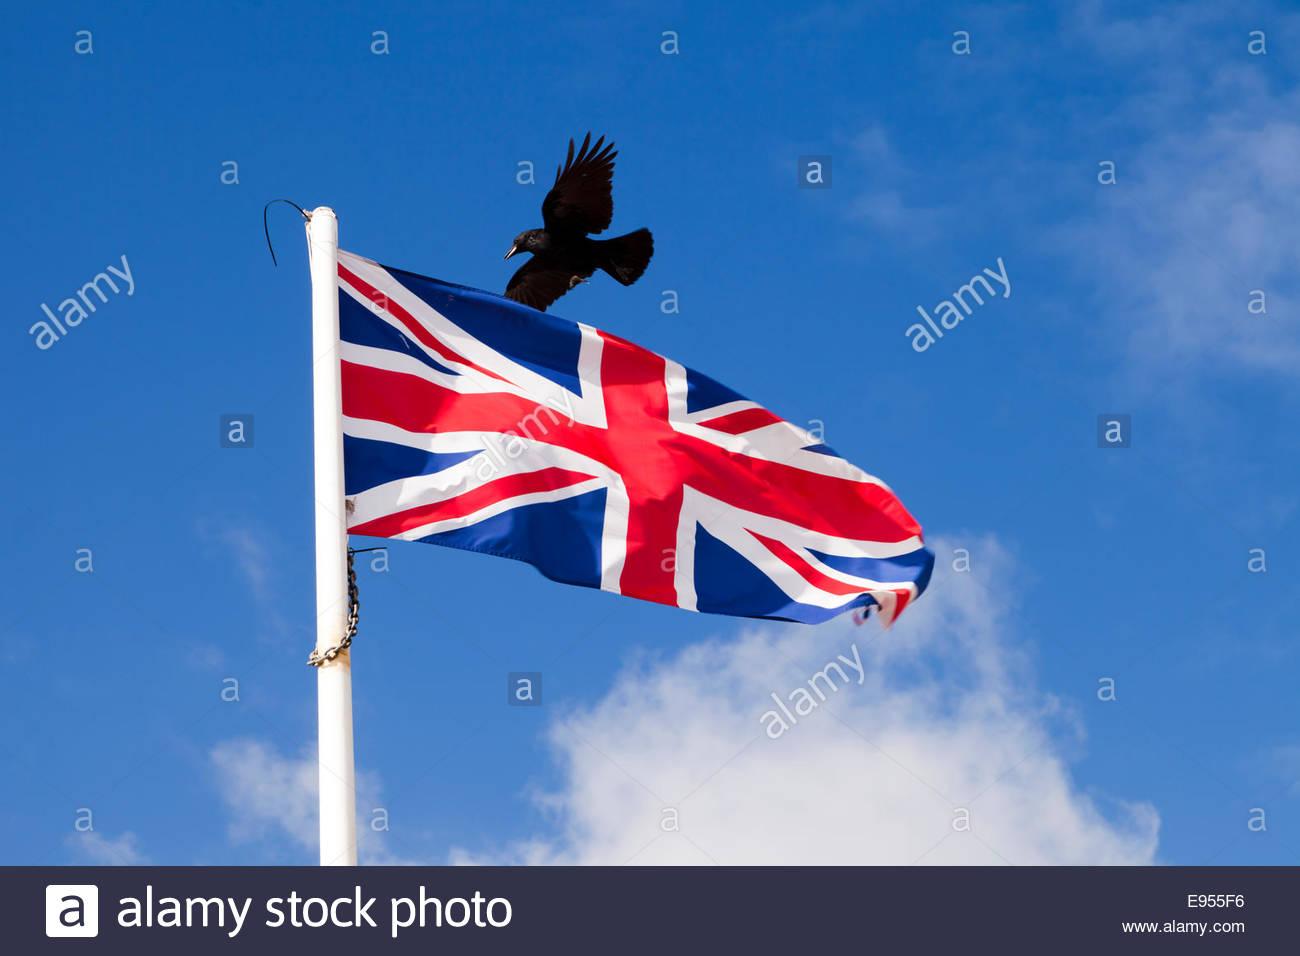 Une corneille survolant voletant union jack flag, sombre menace sinistre concept, contre le ciel bleu. Métaphore Photo Stock